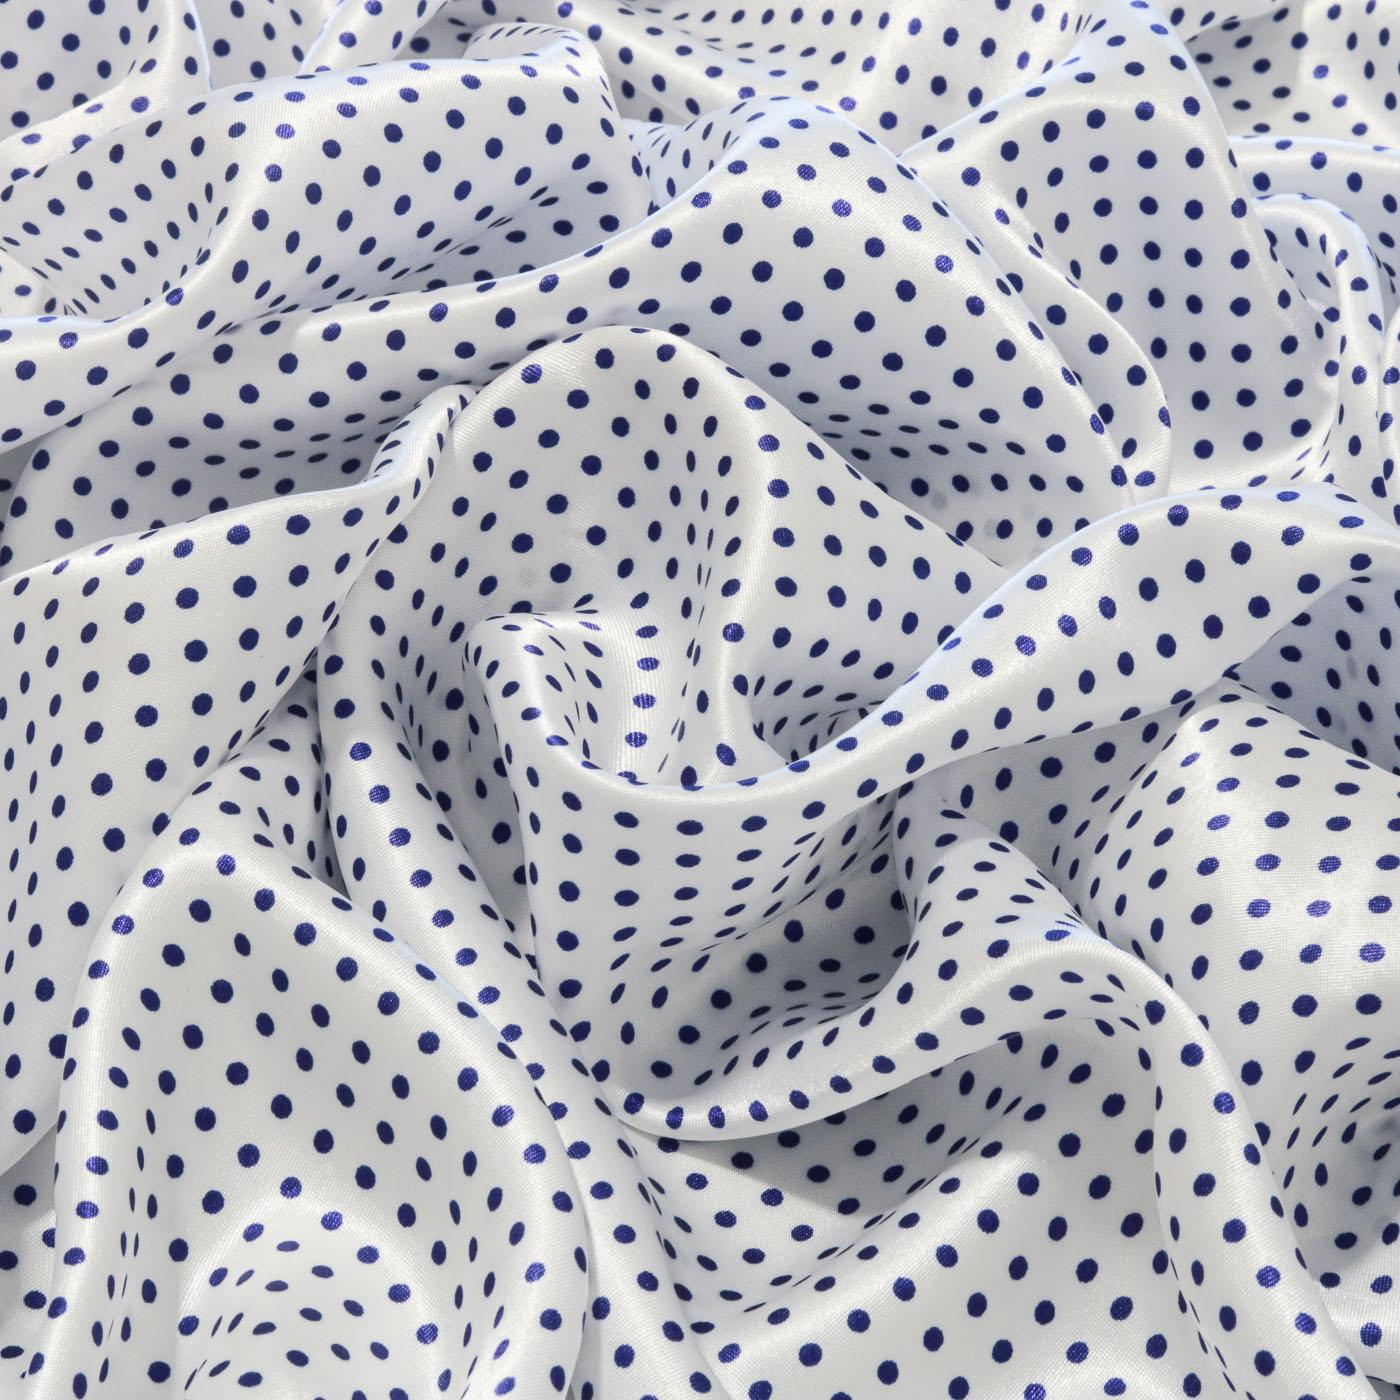 Tecido Cetim Estampado Poa Bolinha 1,40m Largura Azul Royal